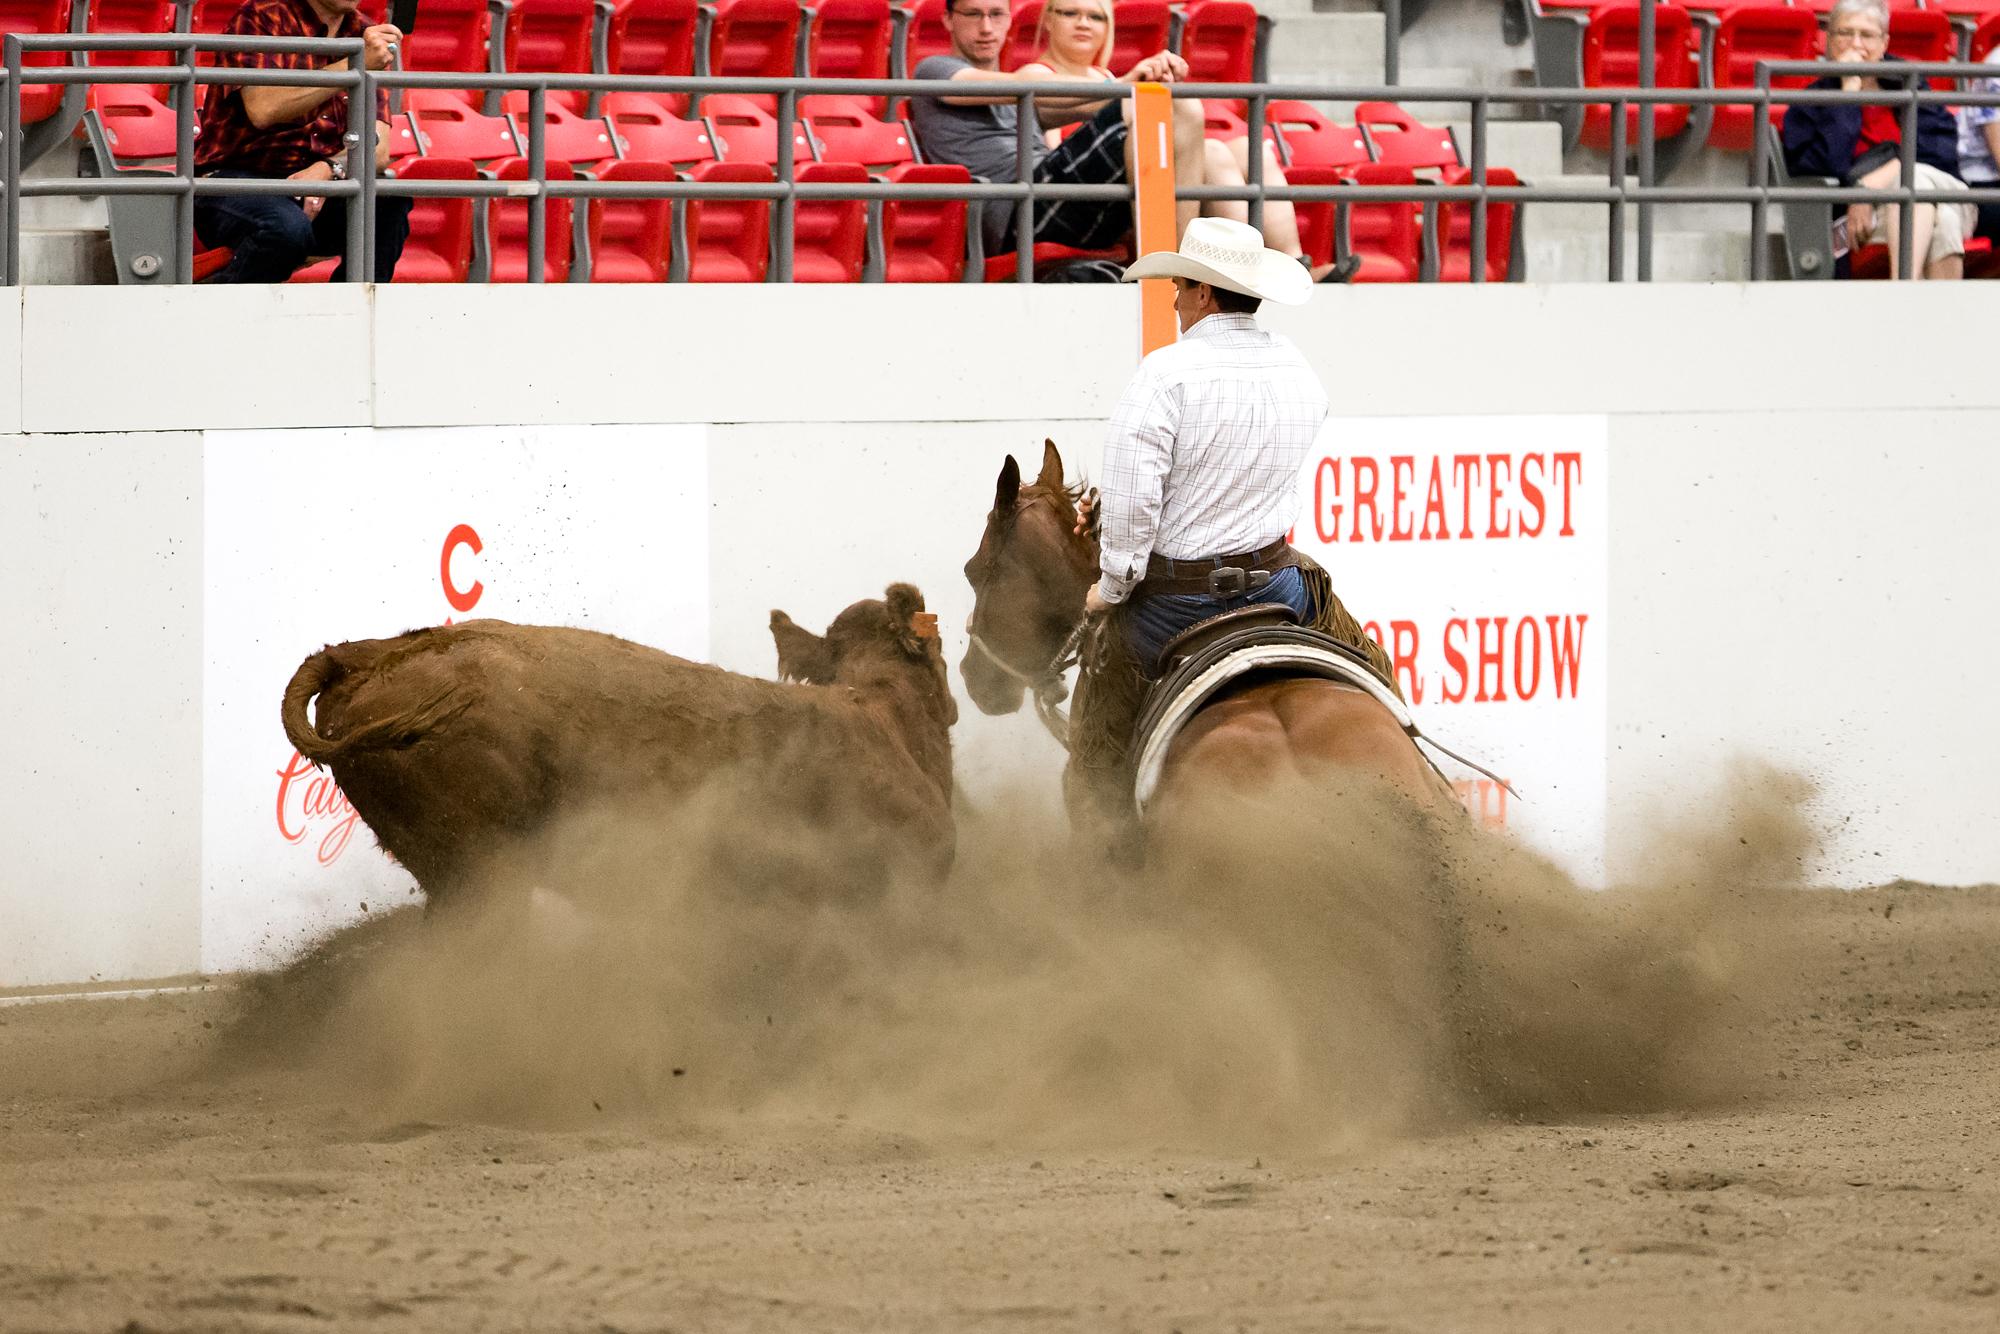 Schaal Wins Calgary Stampede Working Cow Horse Open